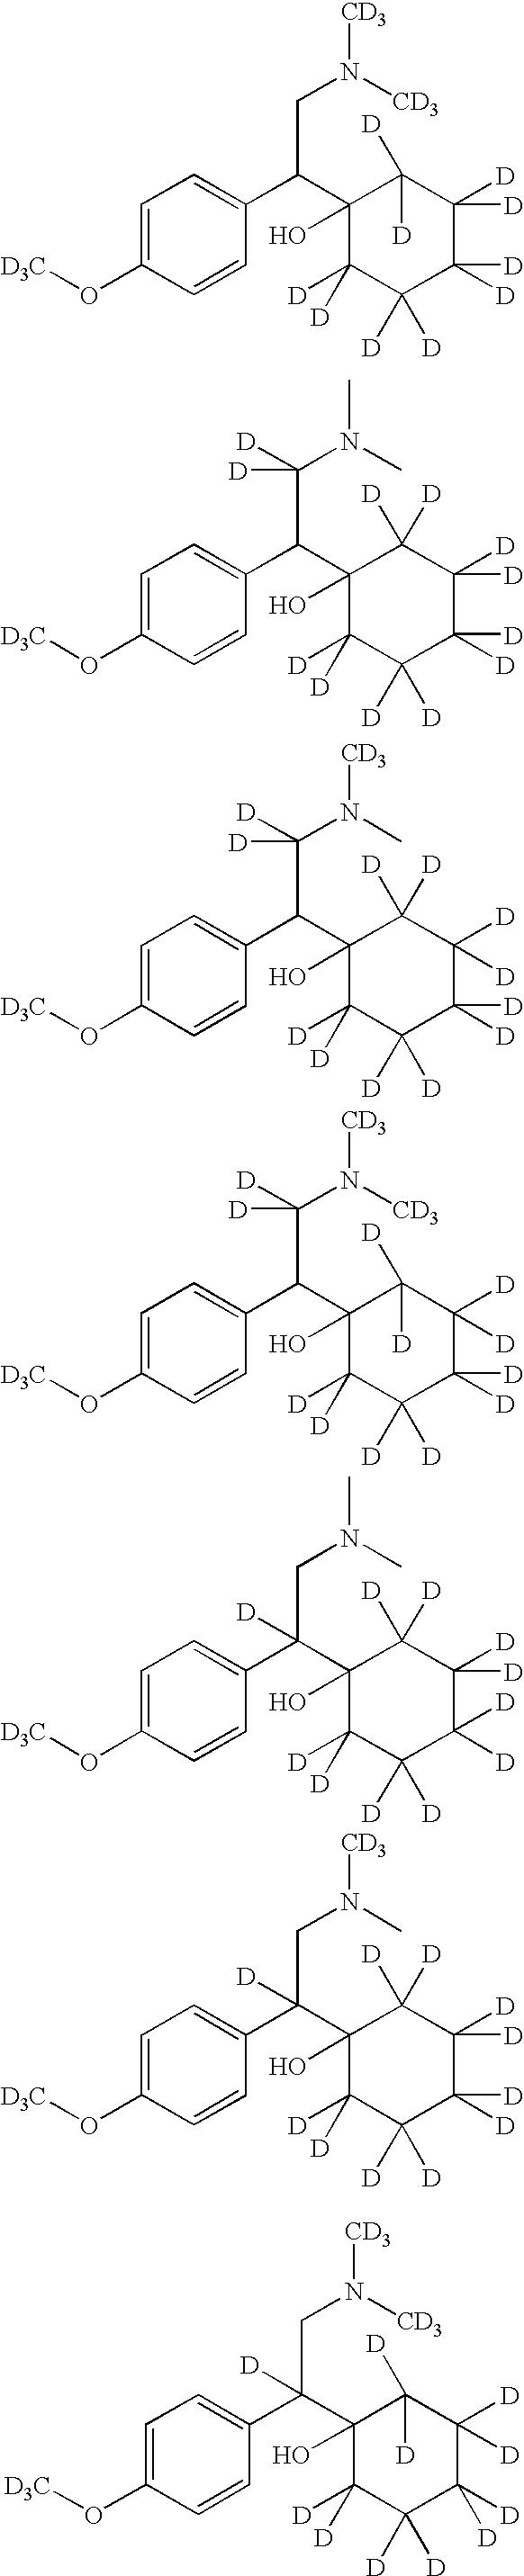 Figure US07456317-20081125-C00010